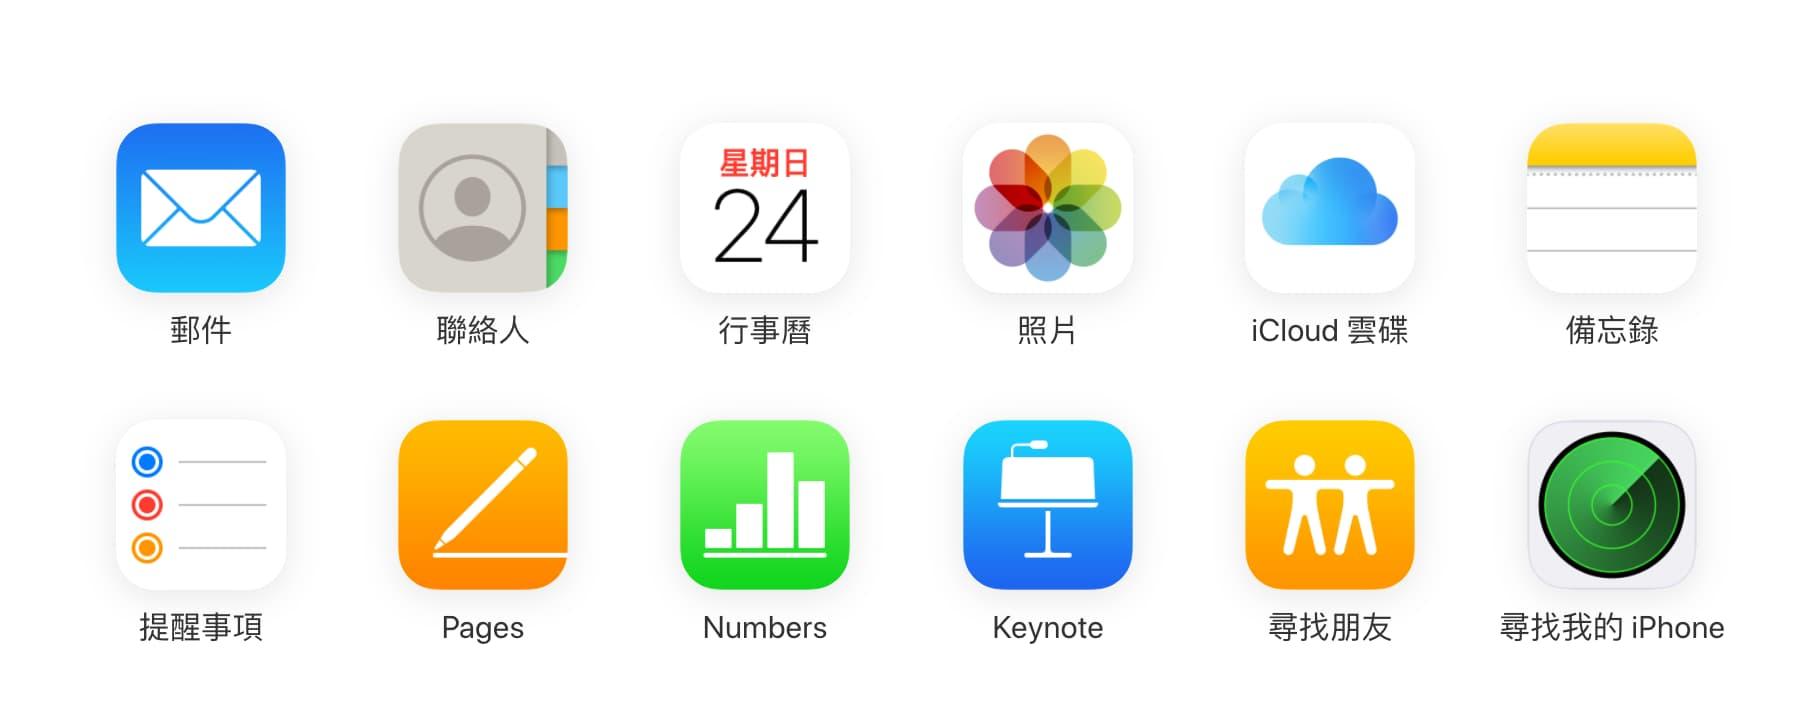 iPhone 或 iPad 遺失後該怎麼處理1